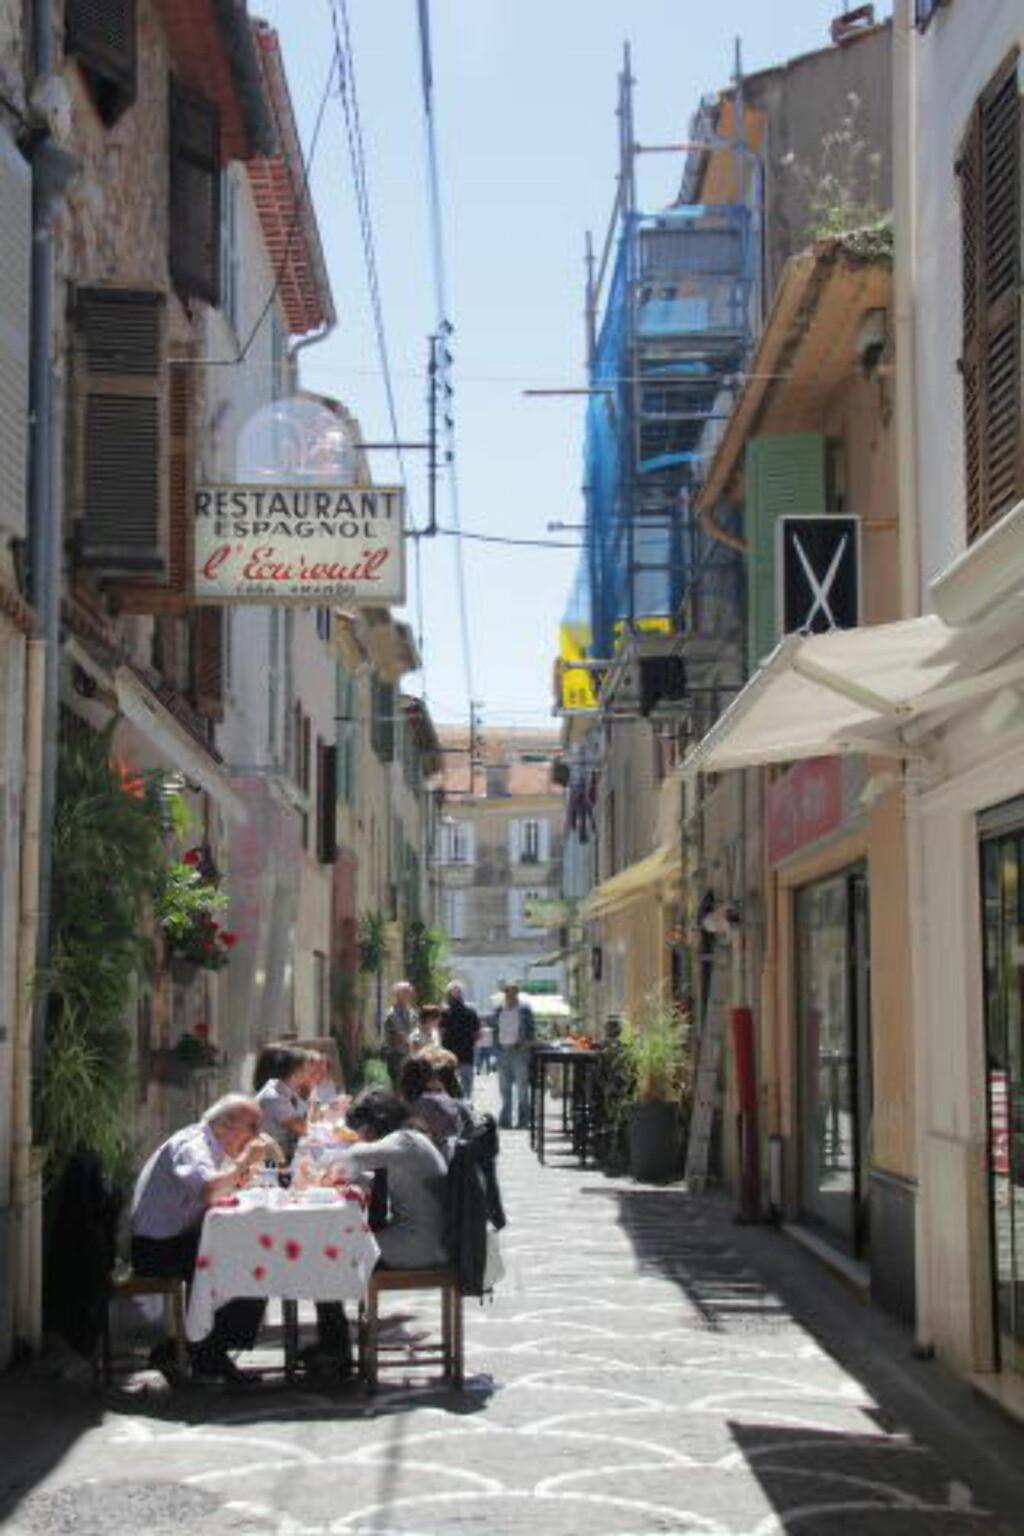 ANTIBES: Flere av verdens største kunstnere har latt seg bergta av Rivieraen, og særlig Antibes. Foto: KJERSTI VANGERUD